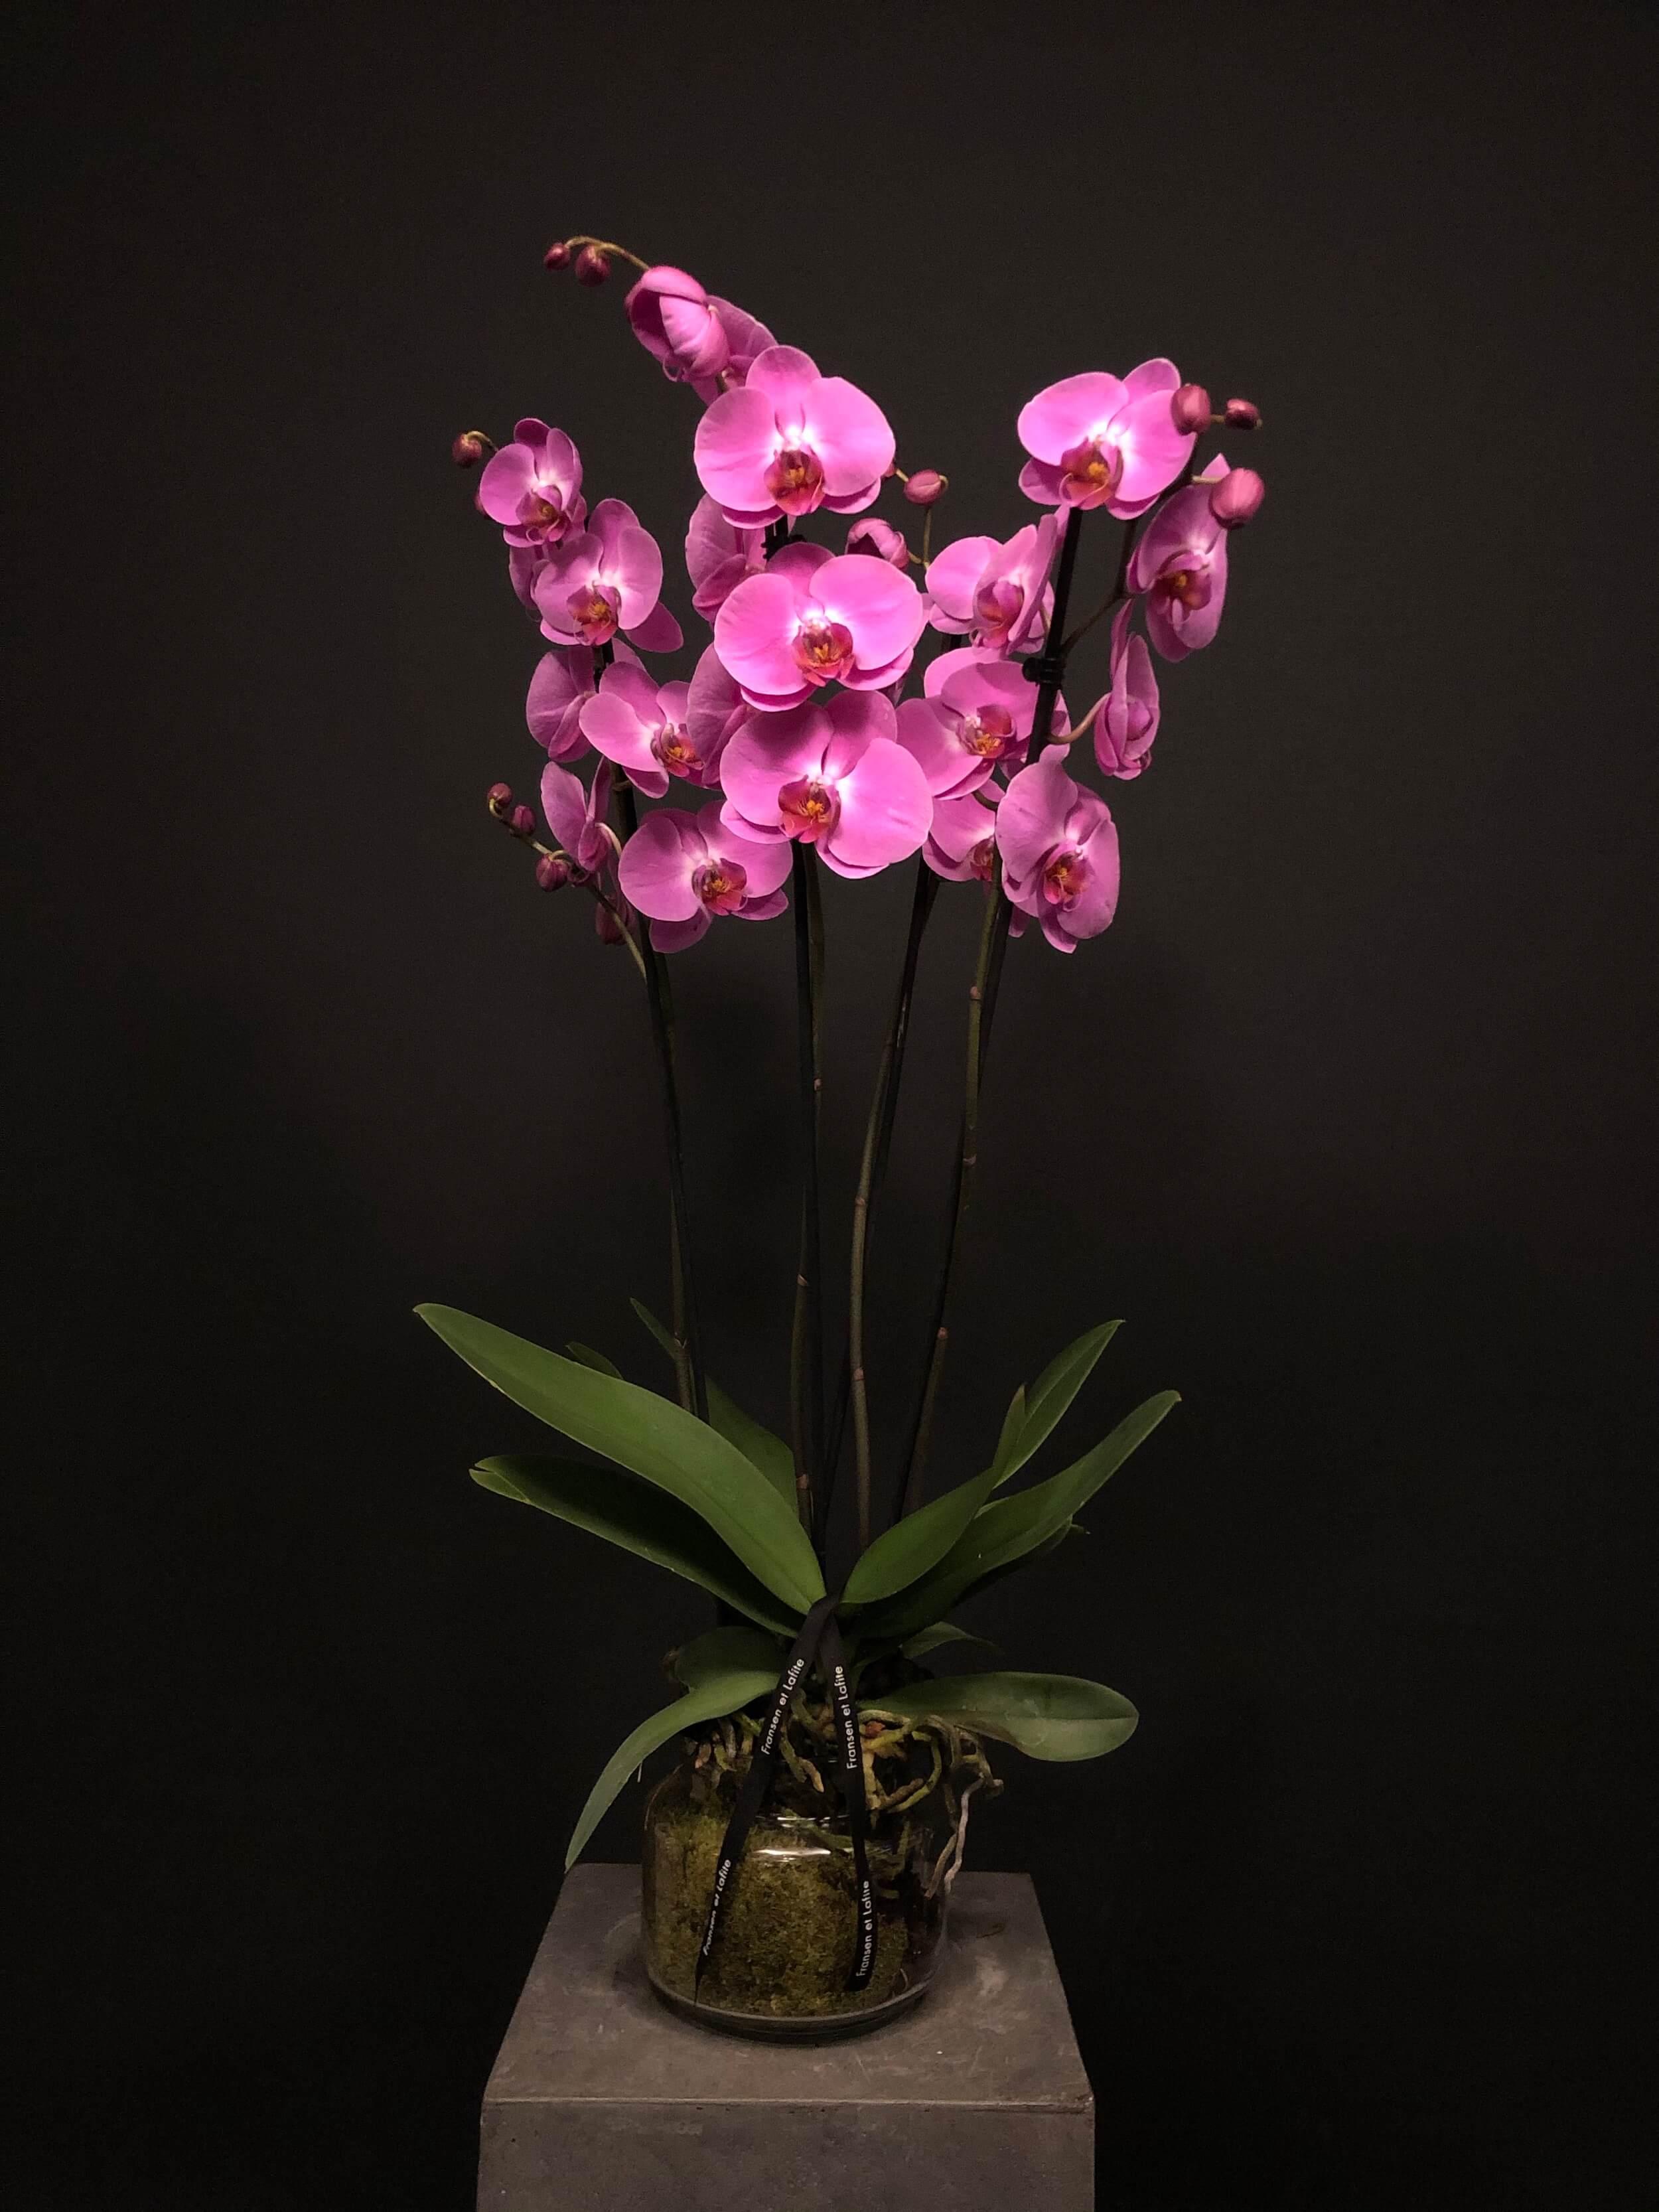 Orquídea 4 tallos en jarrón de cristal